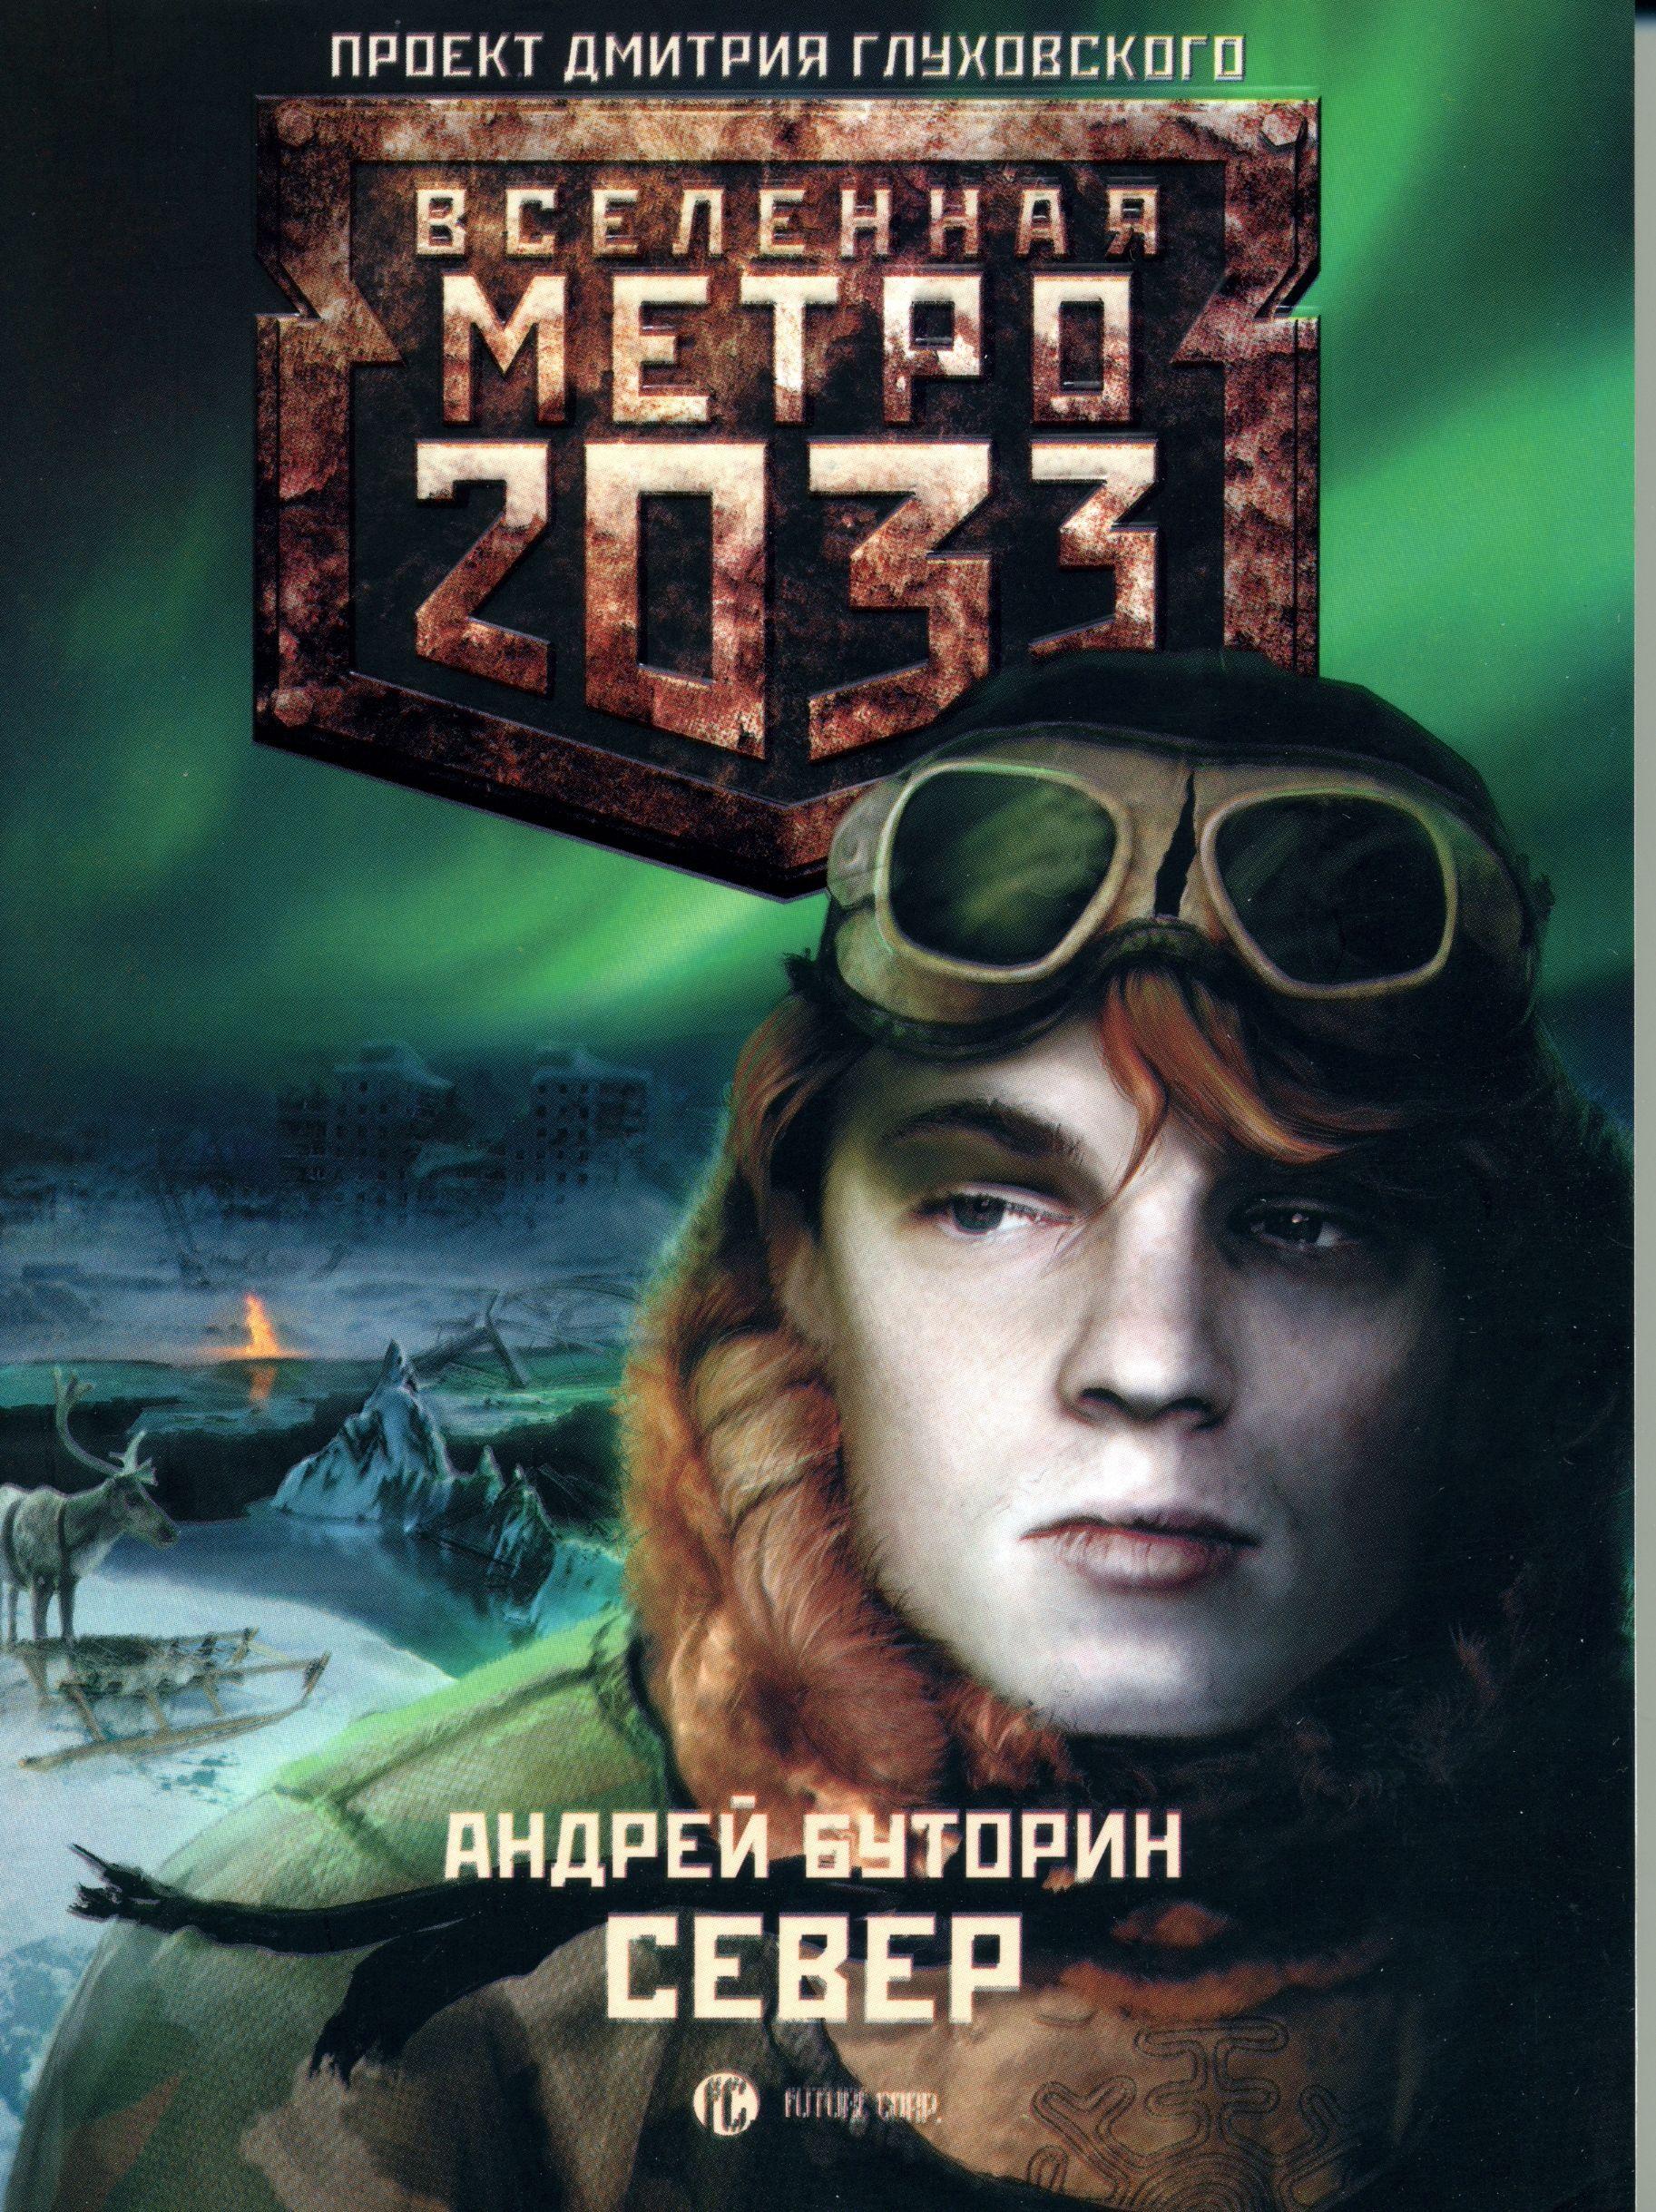 Книги фантастика fb2 скачать бесплатно метро